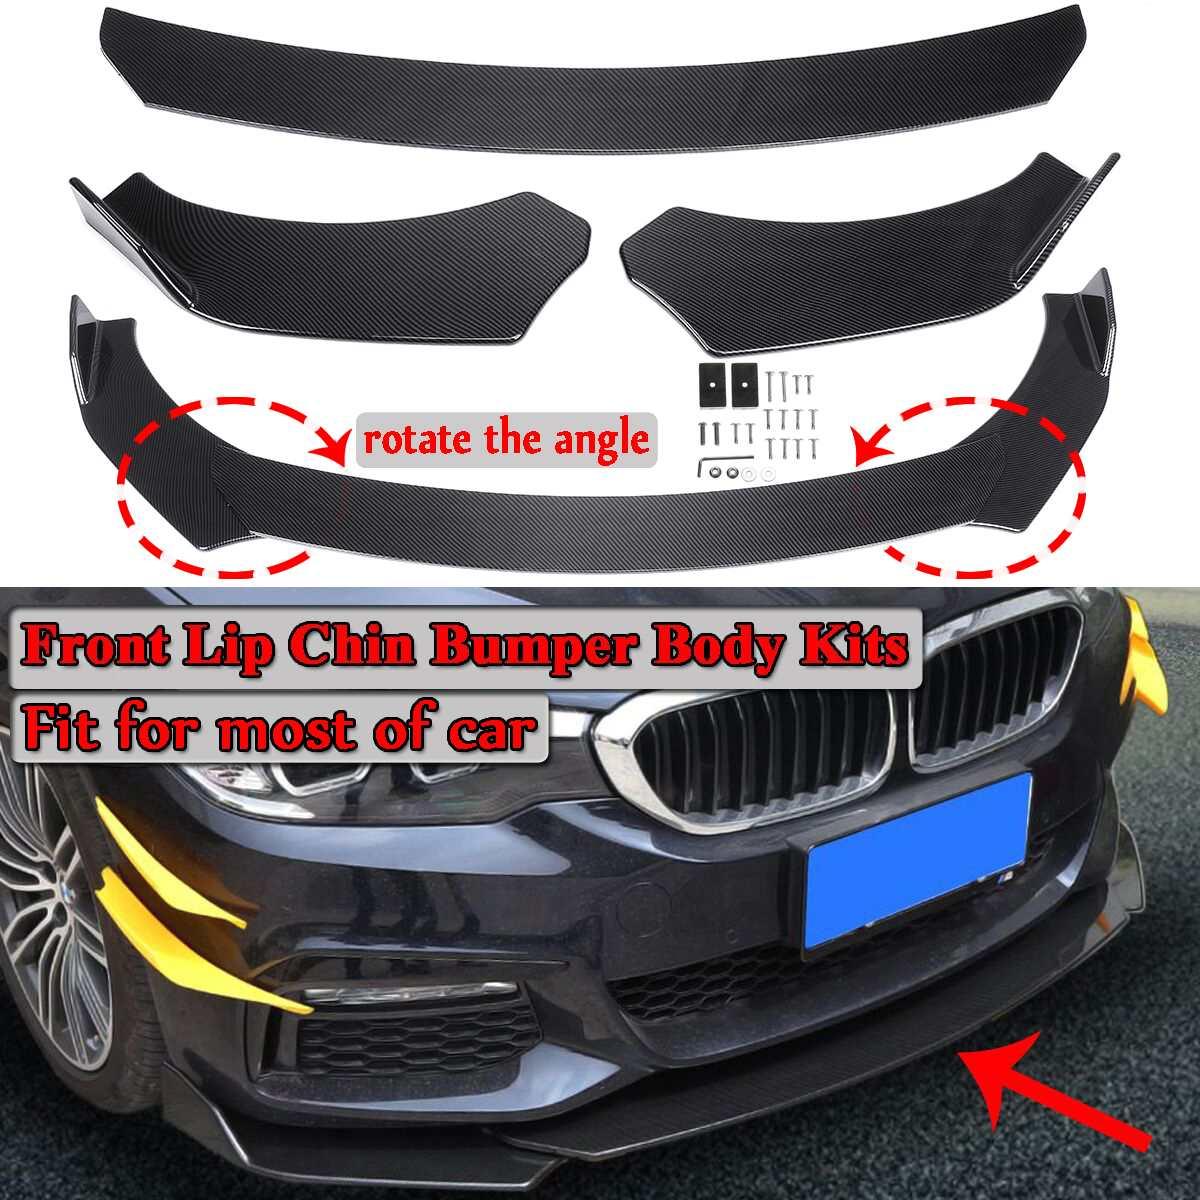 Fibre de carbone Look/noir universel 3 pièces voiture avant lèvre menton pare-chocs corps Kits faire pivoter l'angle nouveau pour Honda pour Civic pour Benz